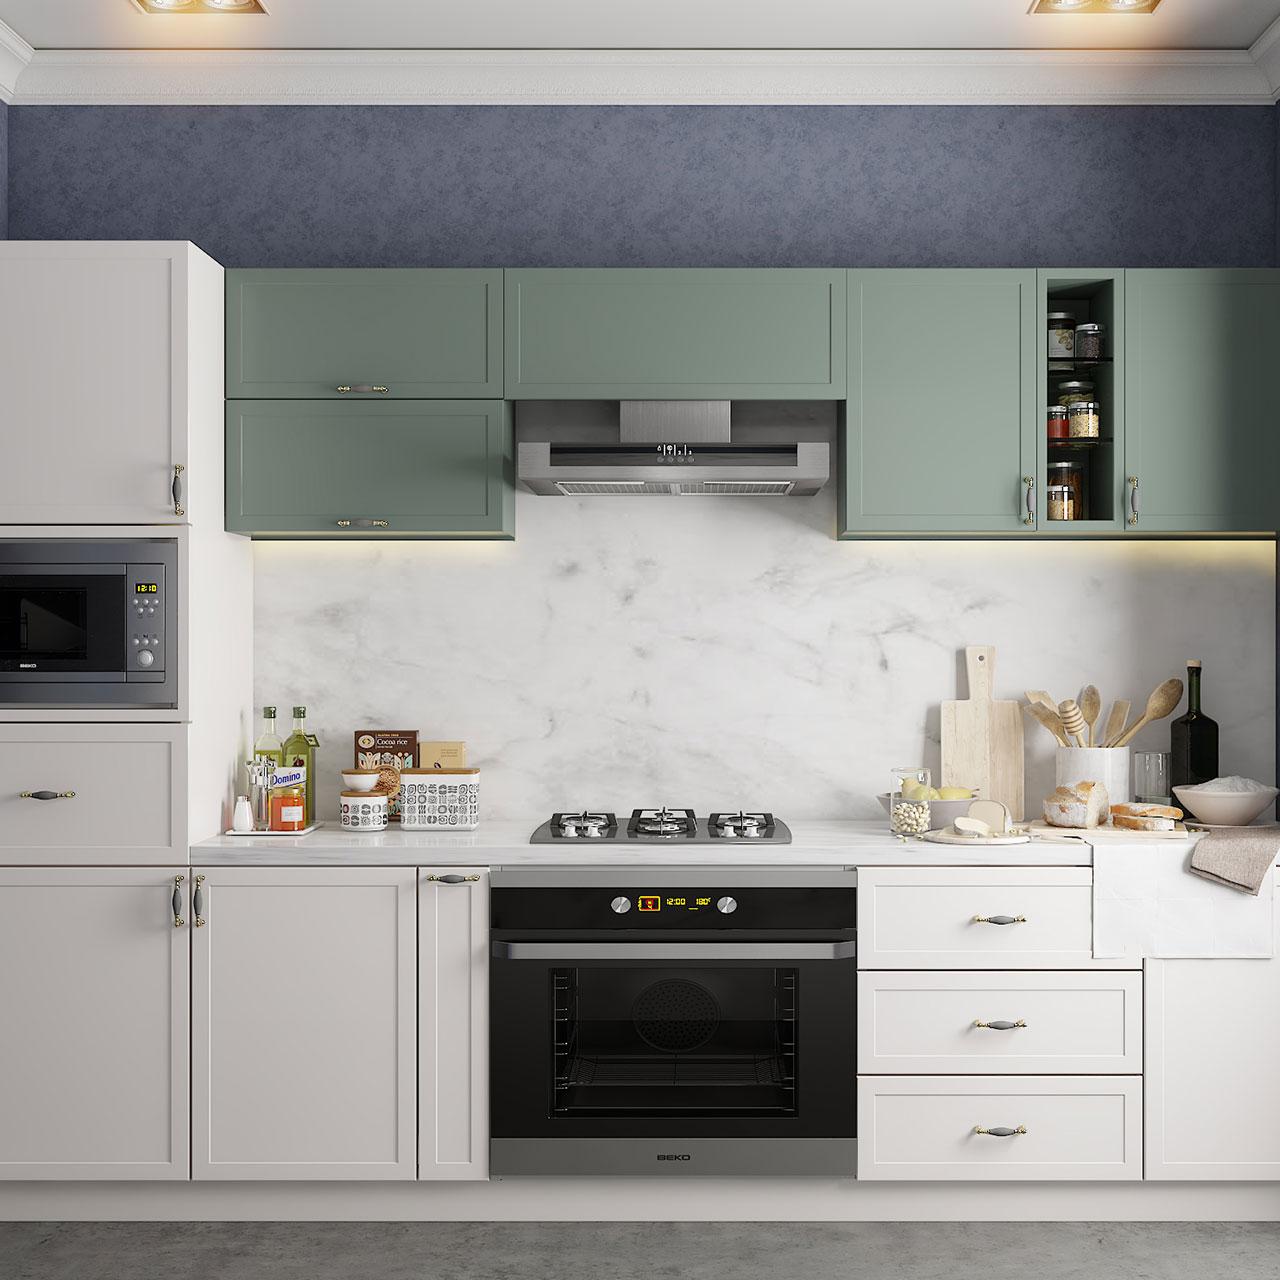 Modern modular kitchen design is a very popular kitchen design type